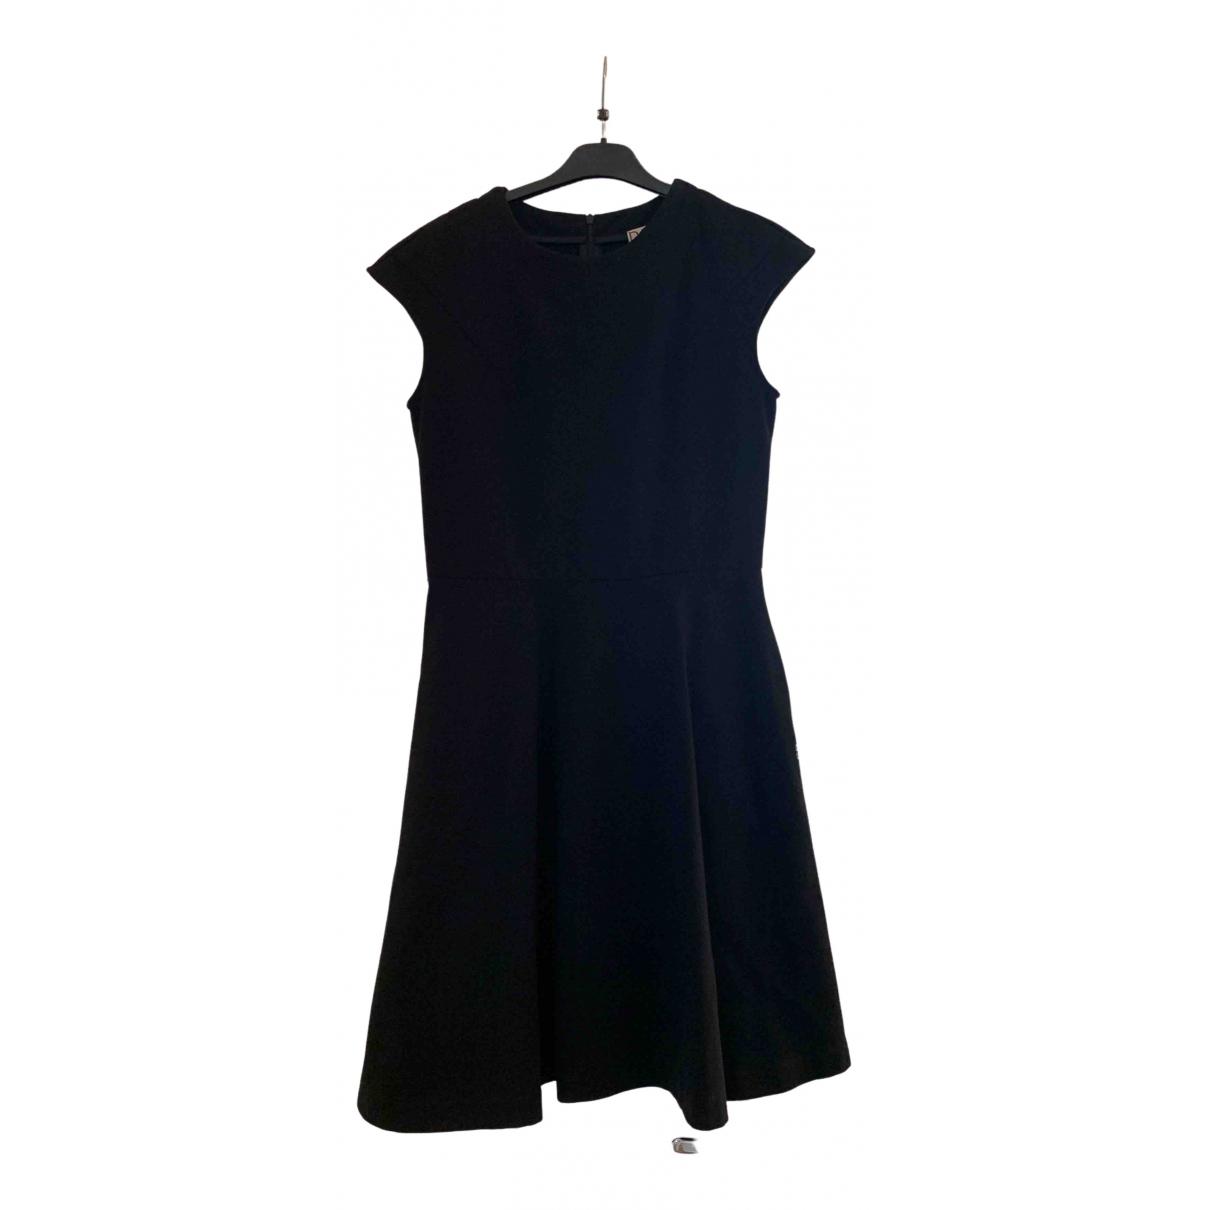 Douuod \N Black dress for Women 38 IT